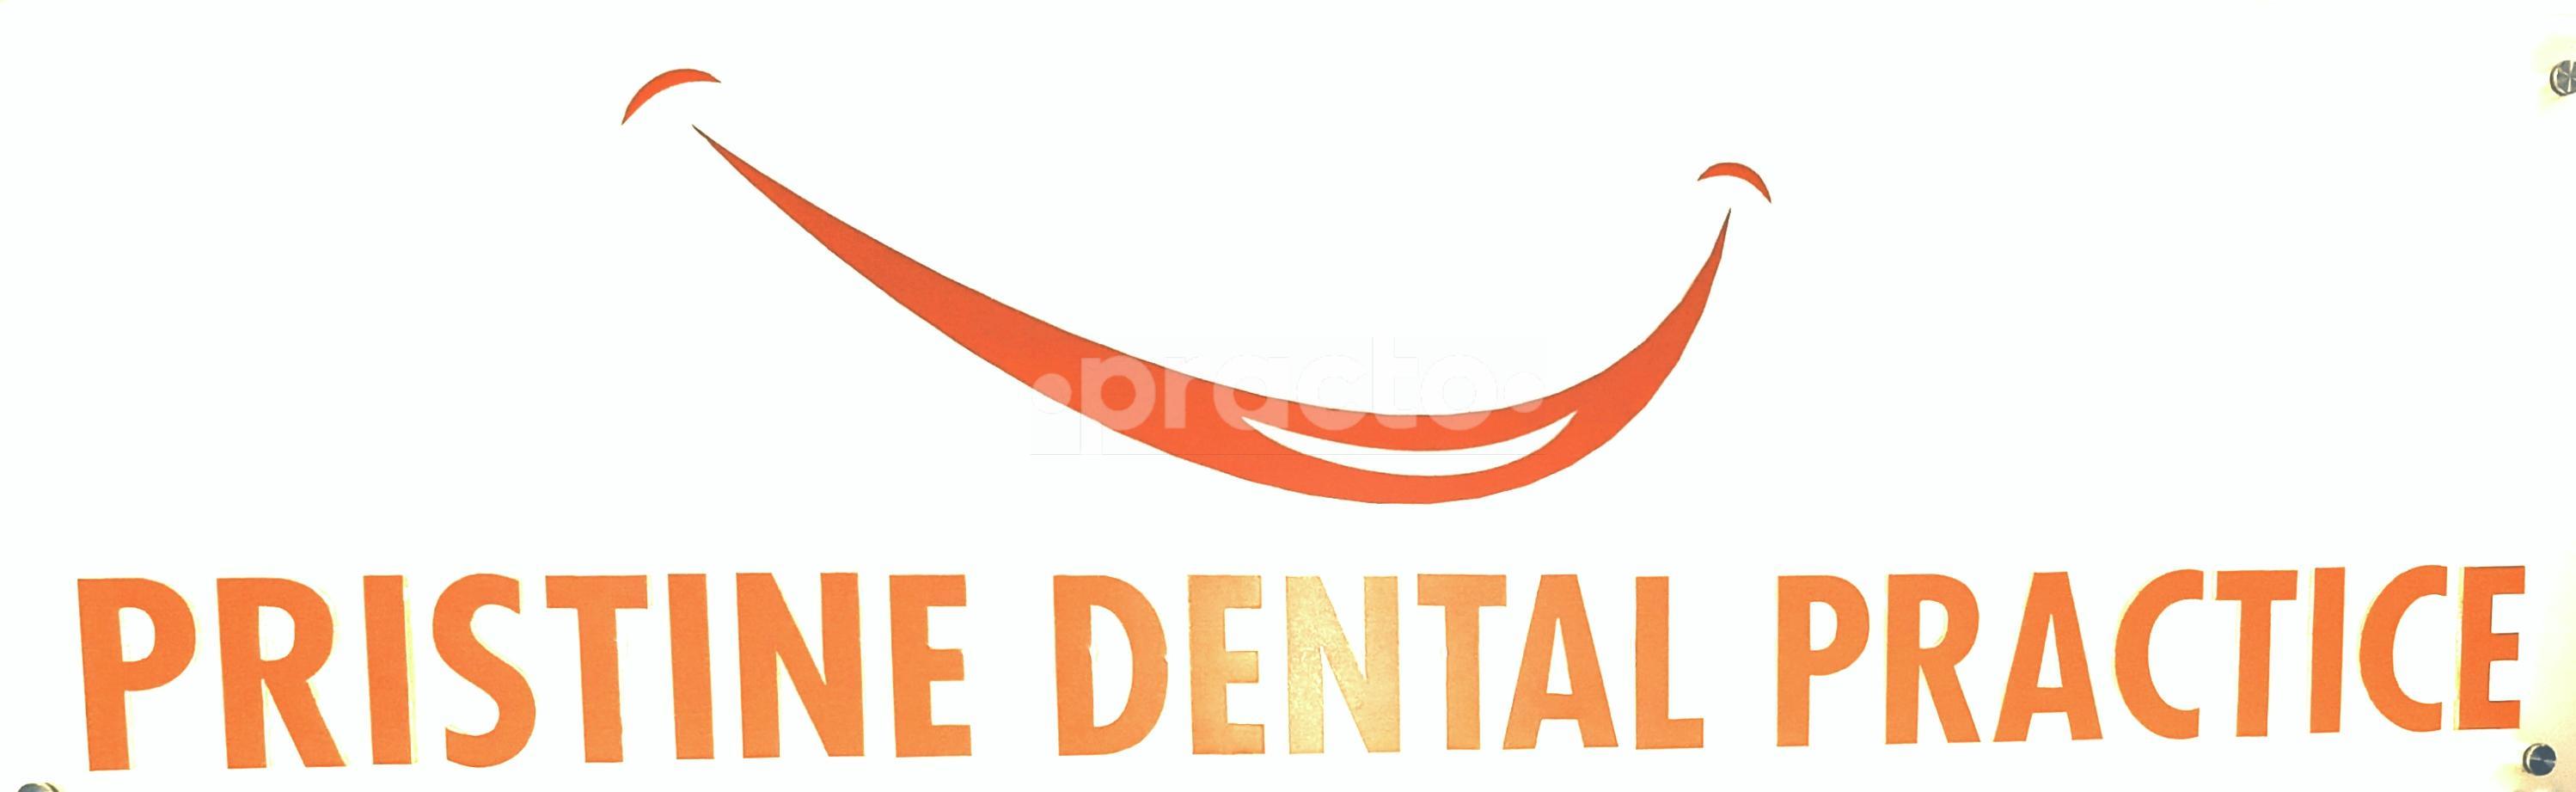 Pristine Dental Practice